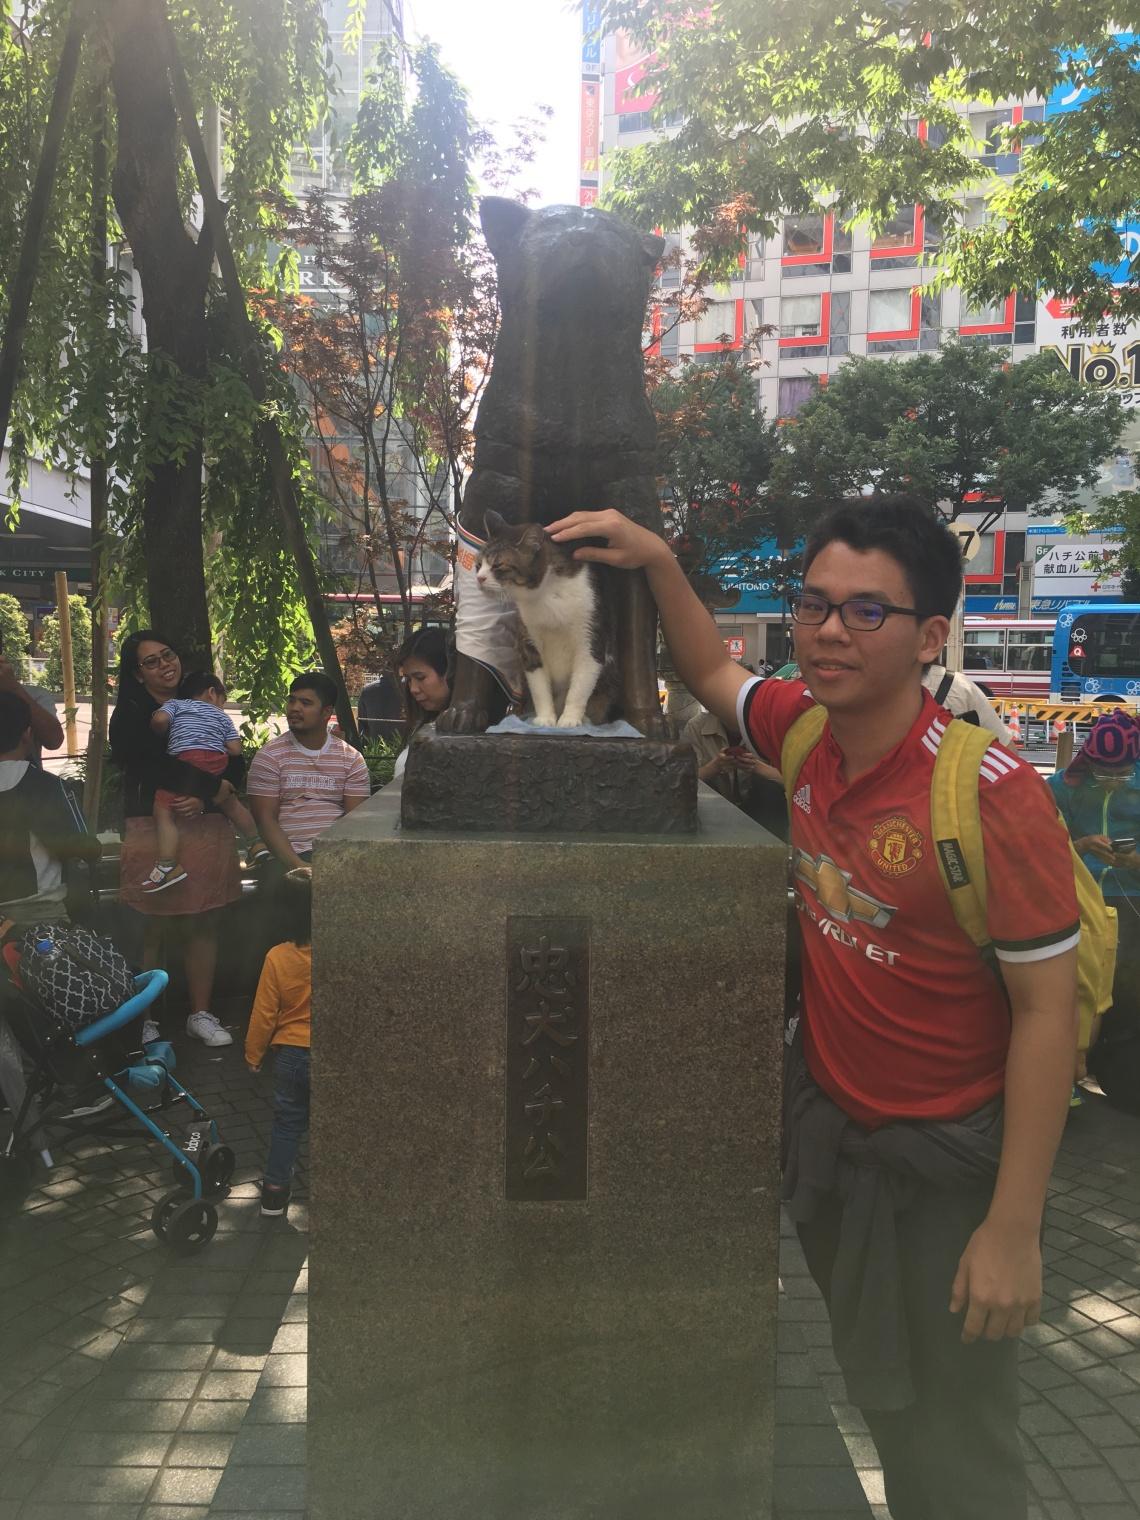 Dog statue with cat at Shibuya Tokyo Japan